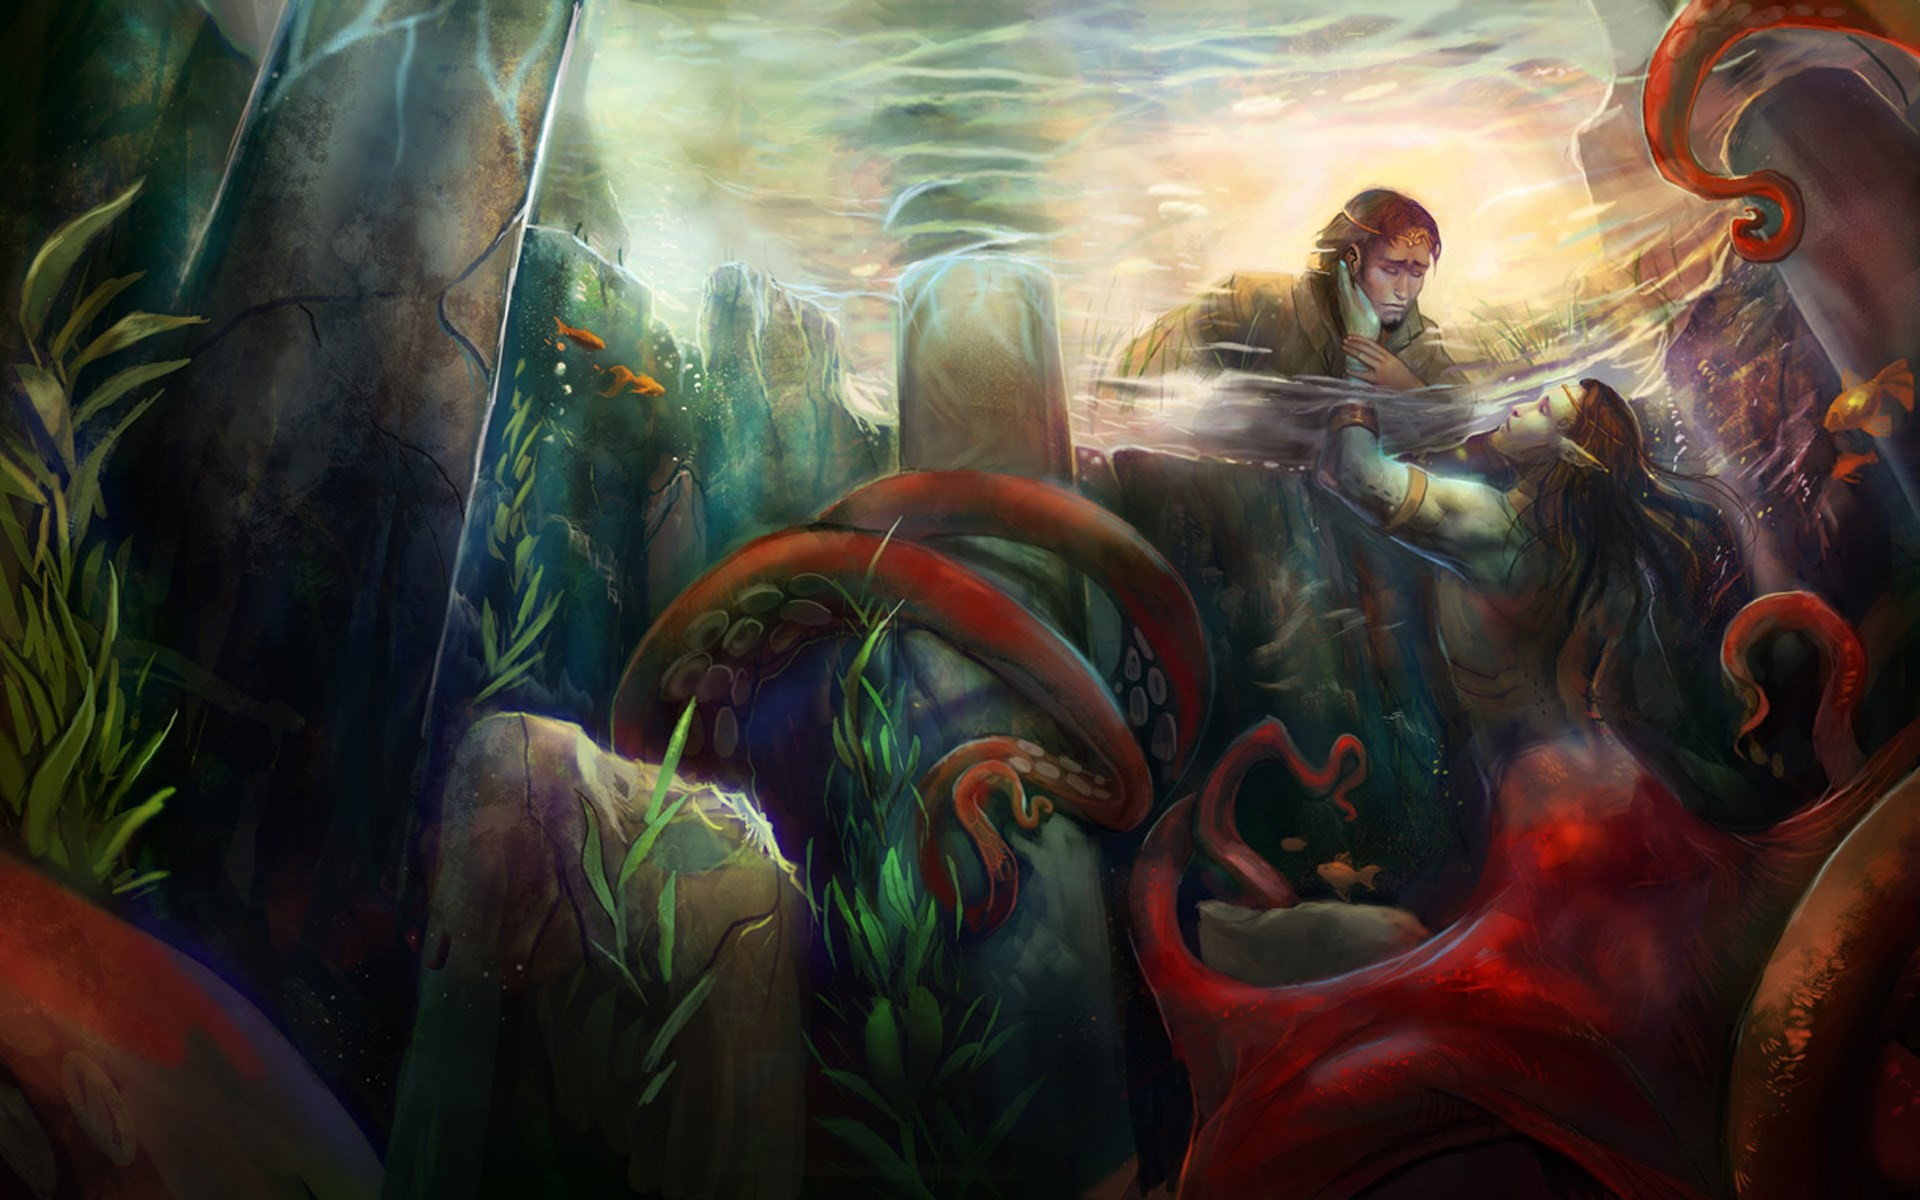 free screensaver wallpapers for mermaid